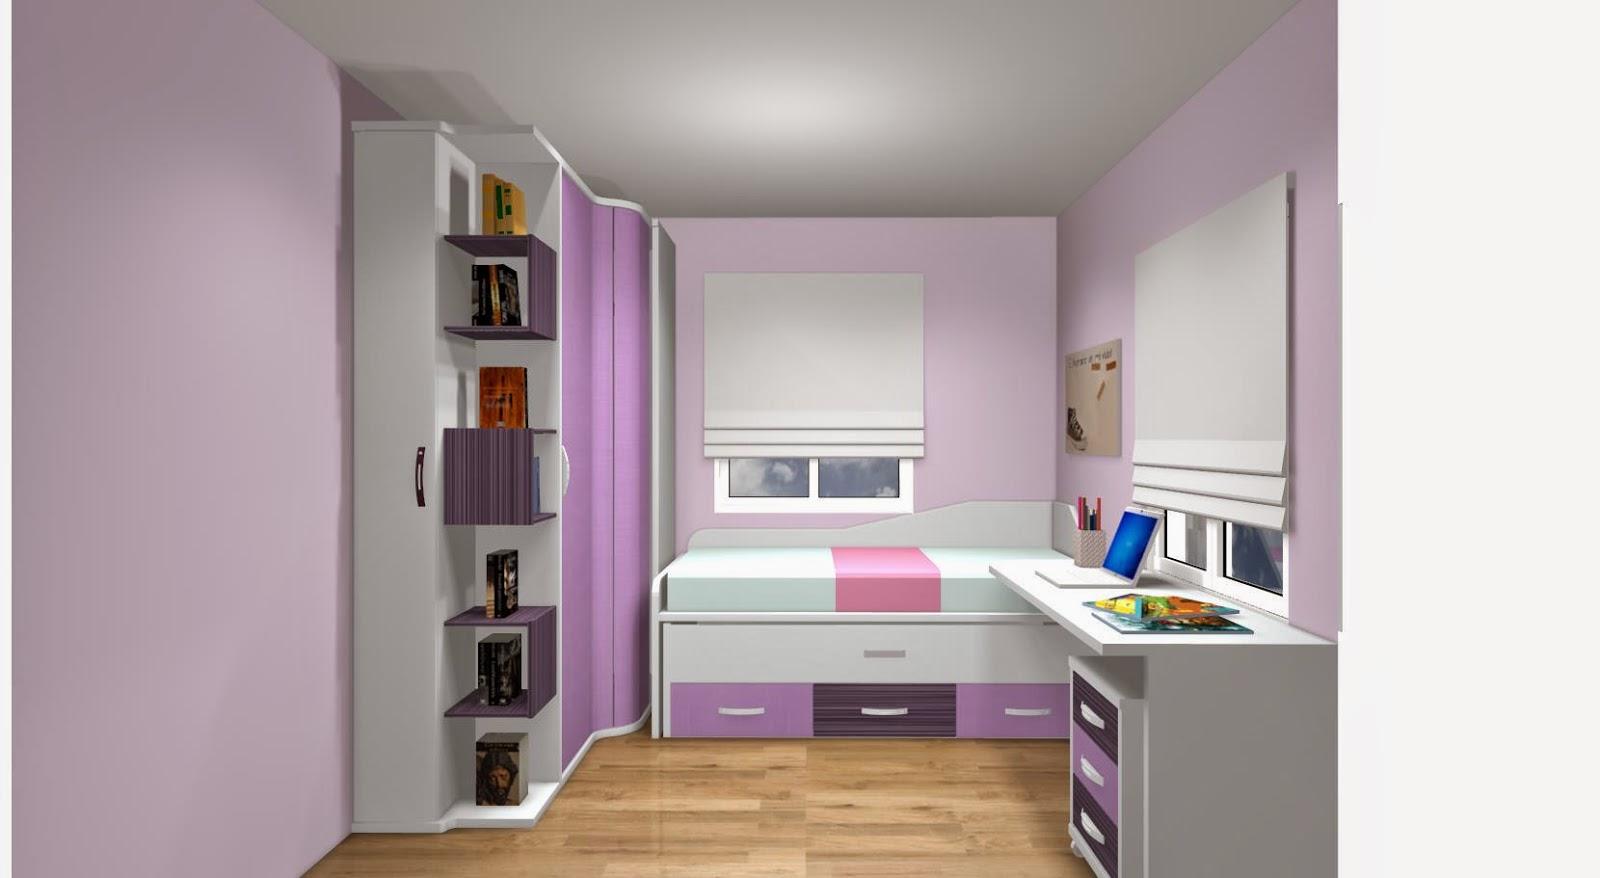 Tienda muebles modernos muebles de salon modernos salones for Distribucion habitacion juvenil